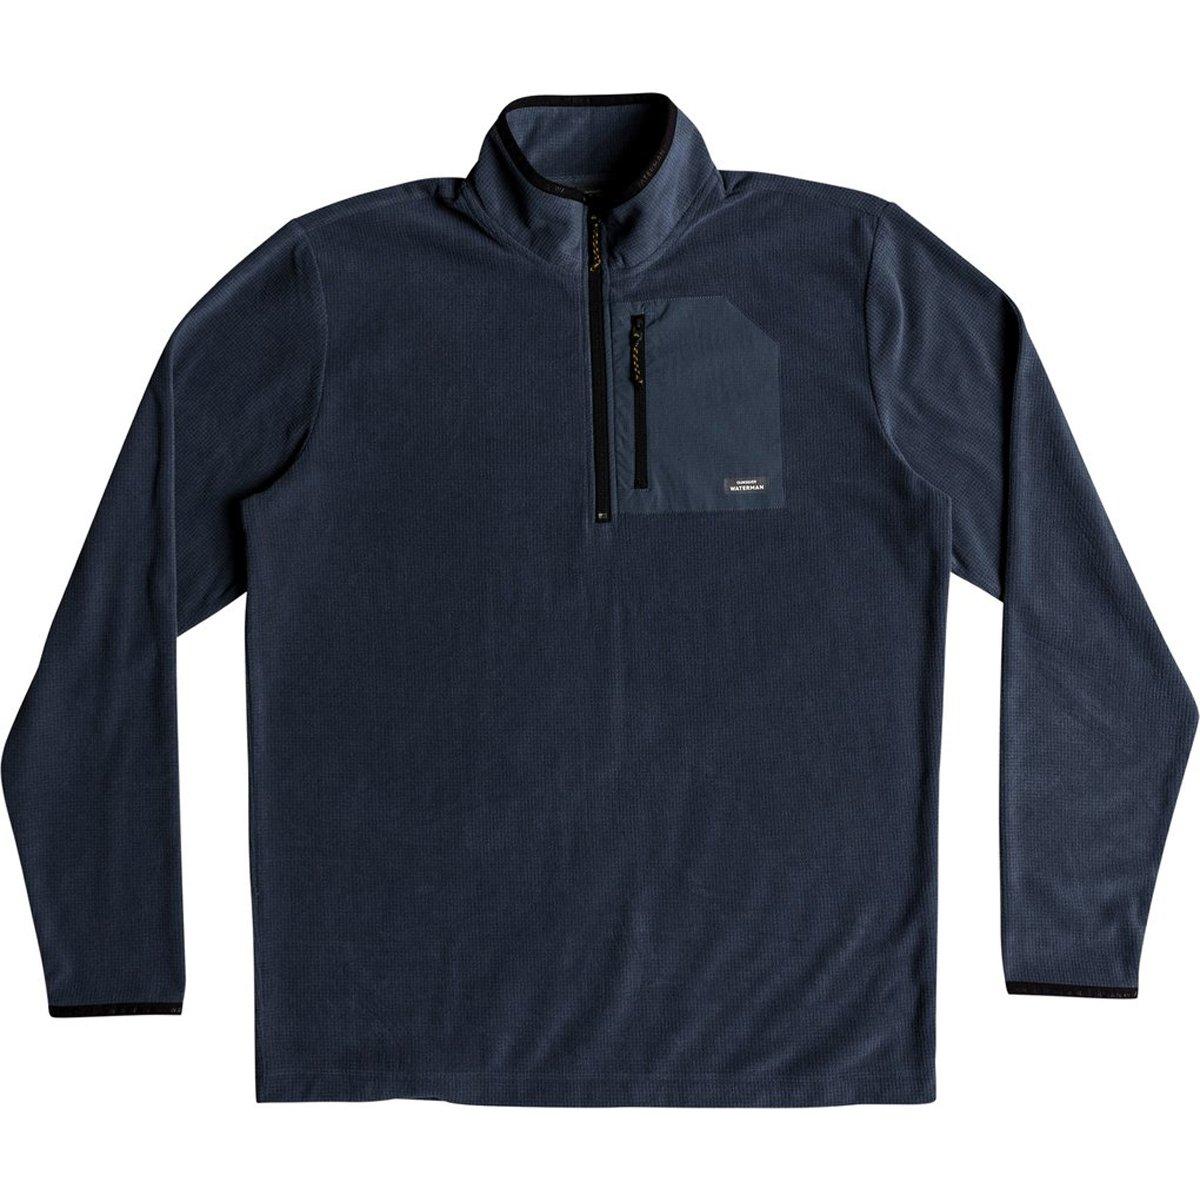 Quiksilver Men's Boat Trip 2 Half Zip Fleece Jacket, Orion Blue, L